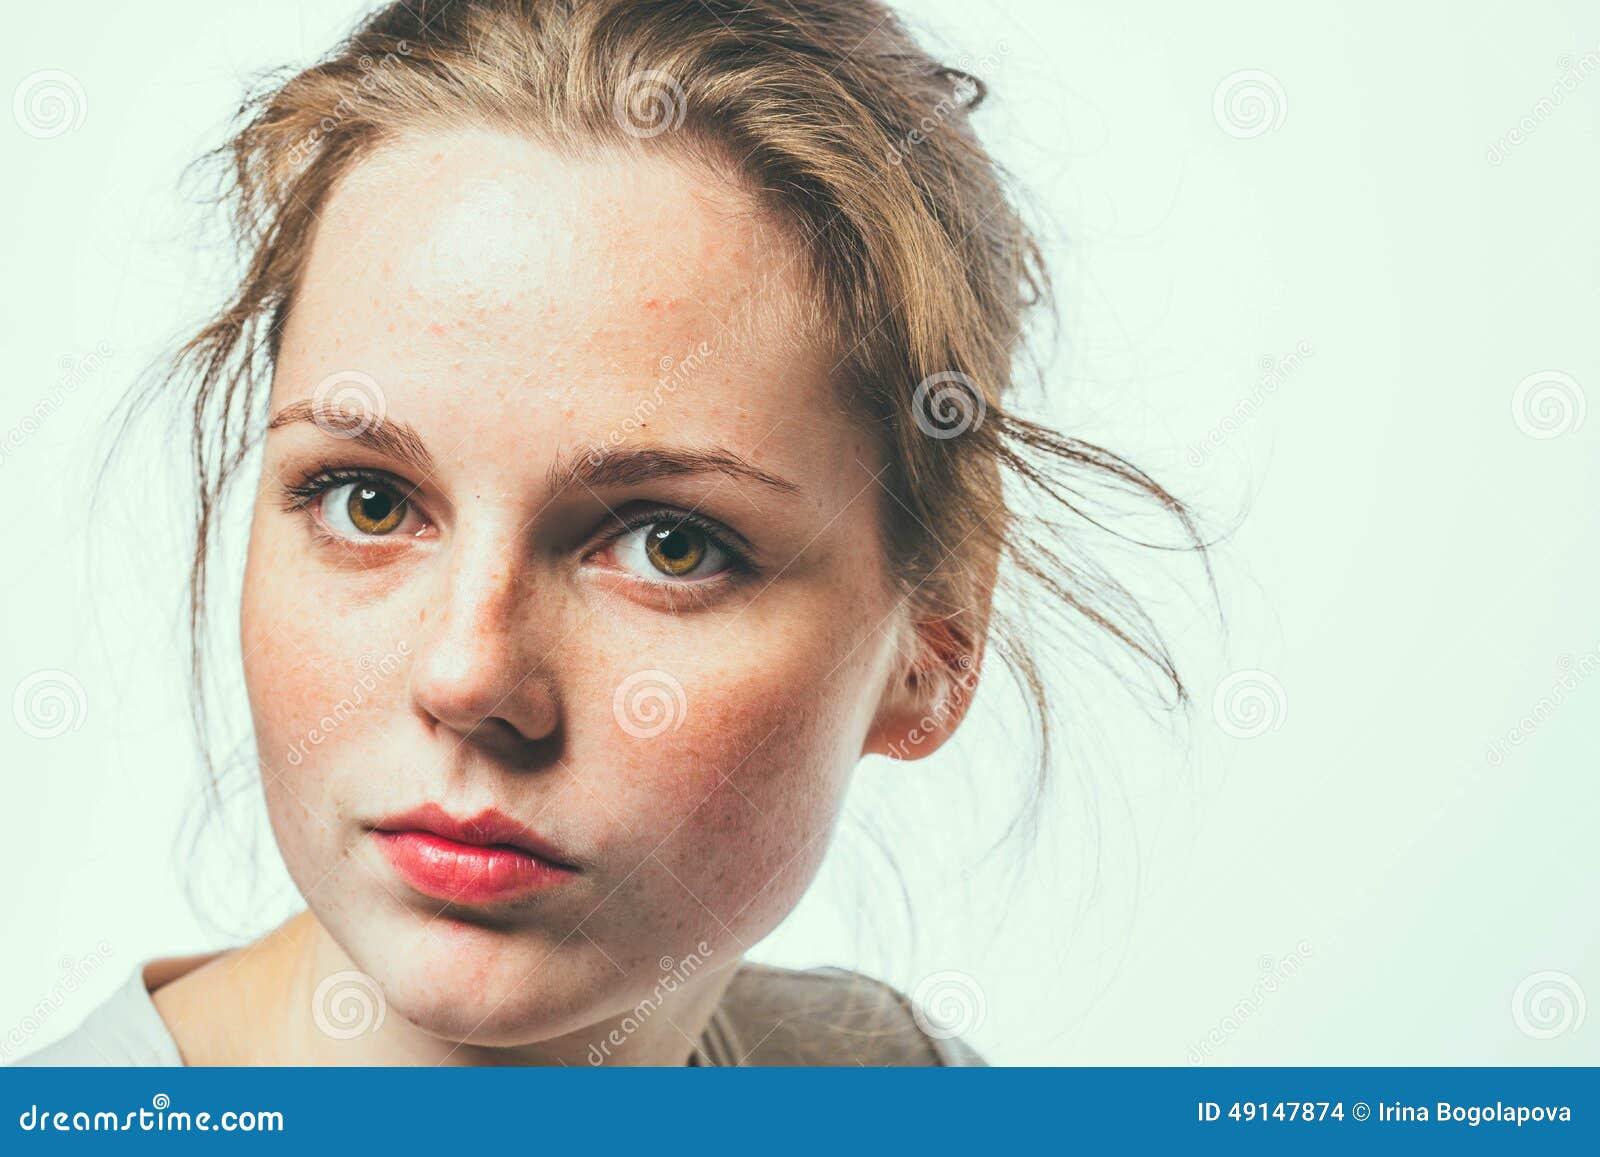 Las manchas blancas de pigmento sobre los genitales